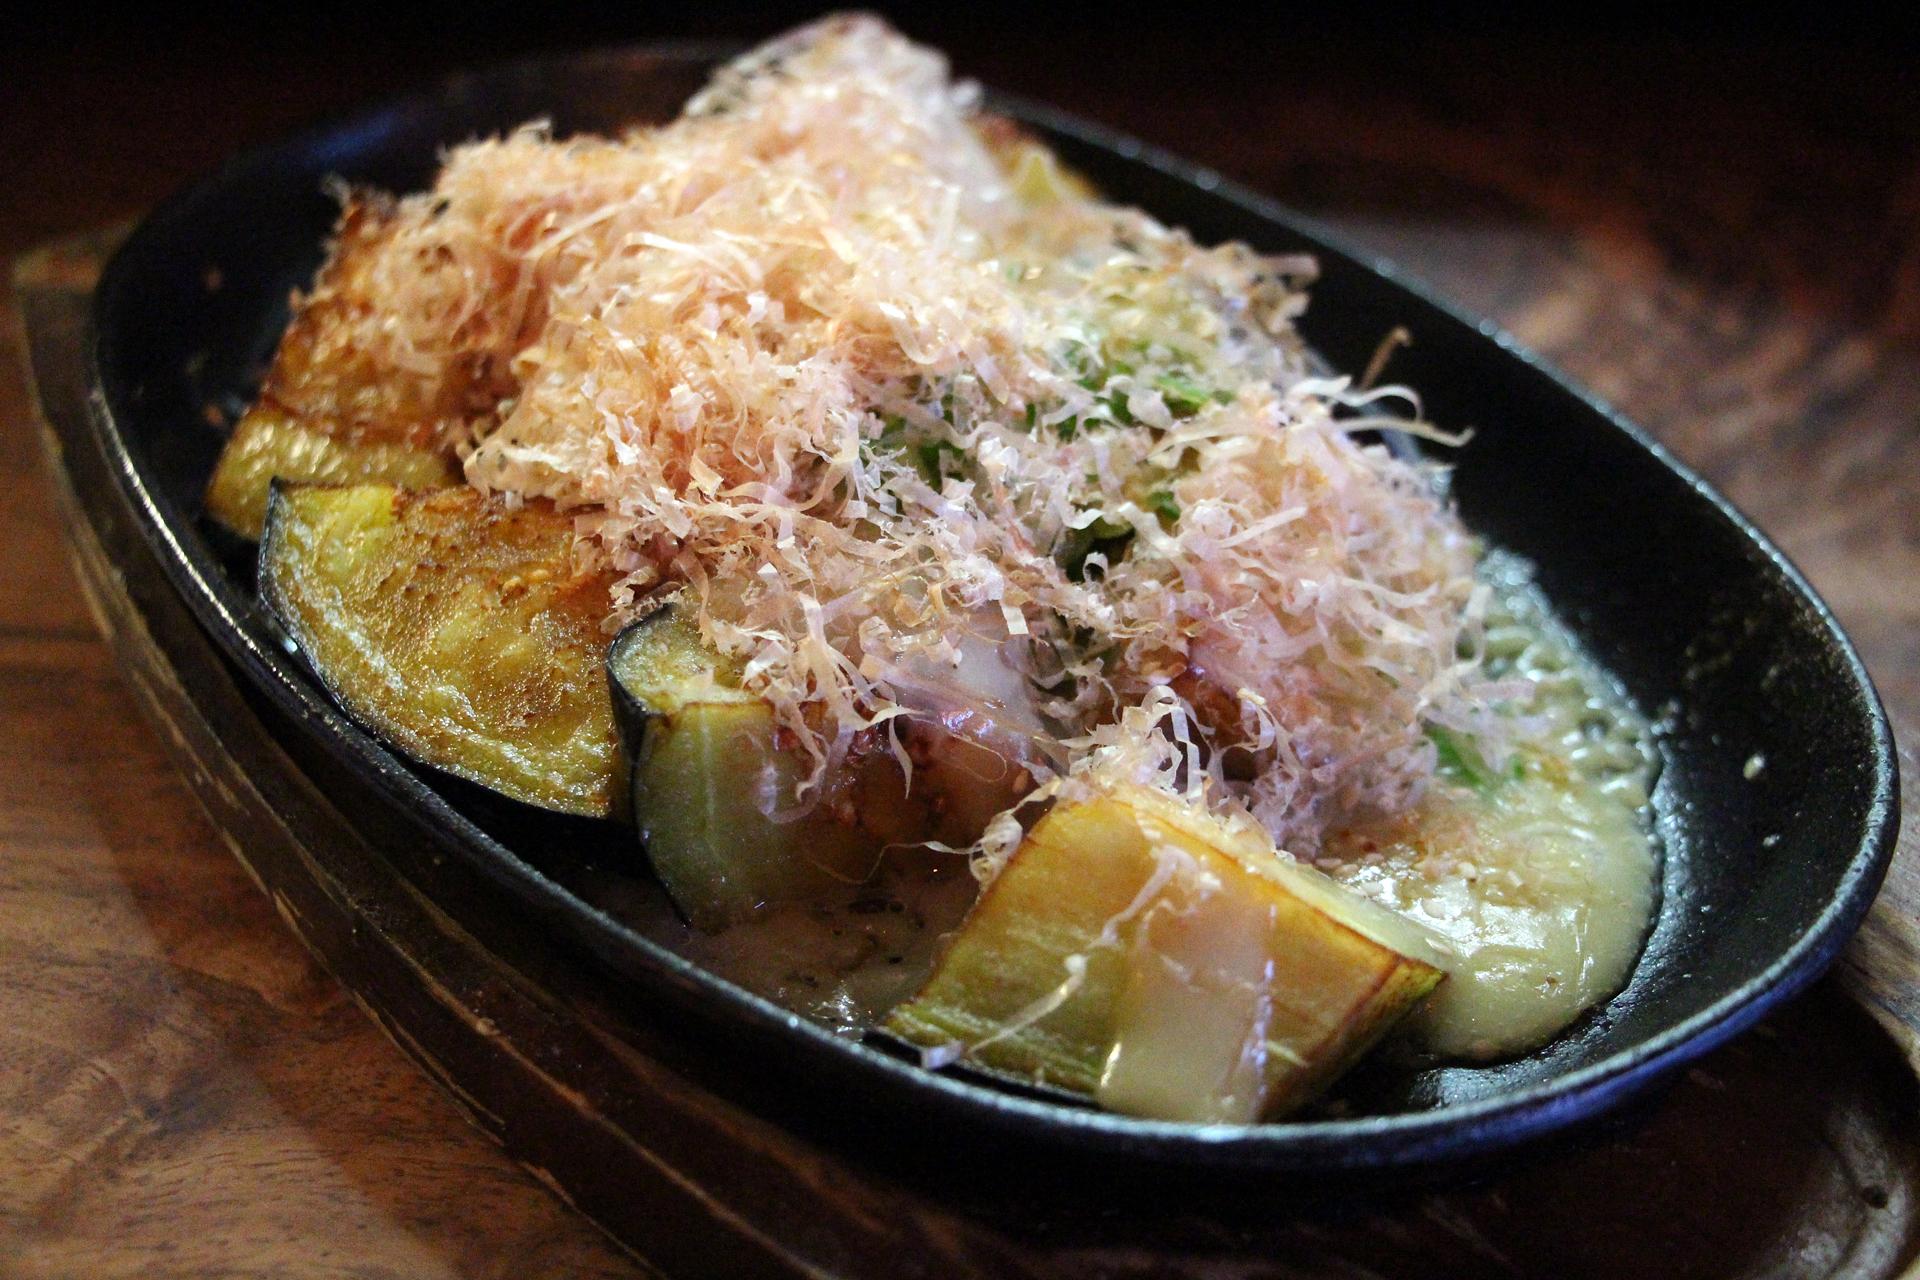 Izakaya Sozai's eggplant, nasu dengaku.